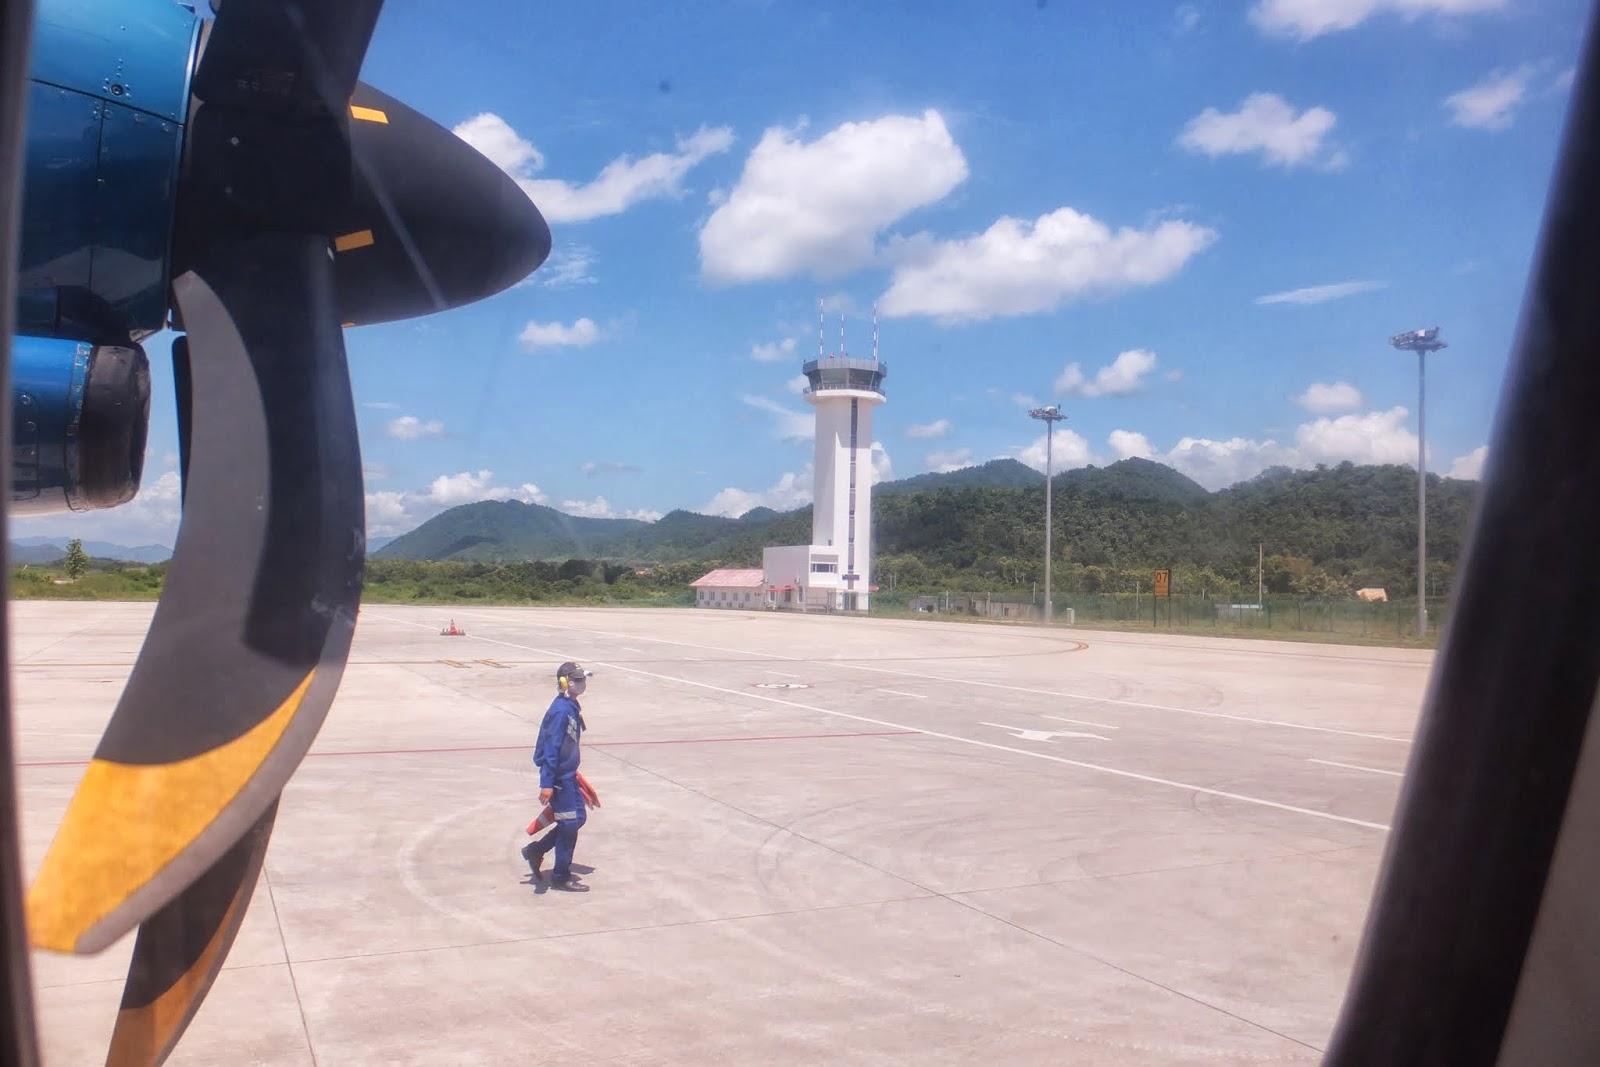 LuangPrabang-Airport ルアンパバーン空港